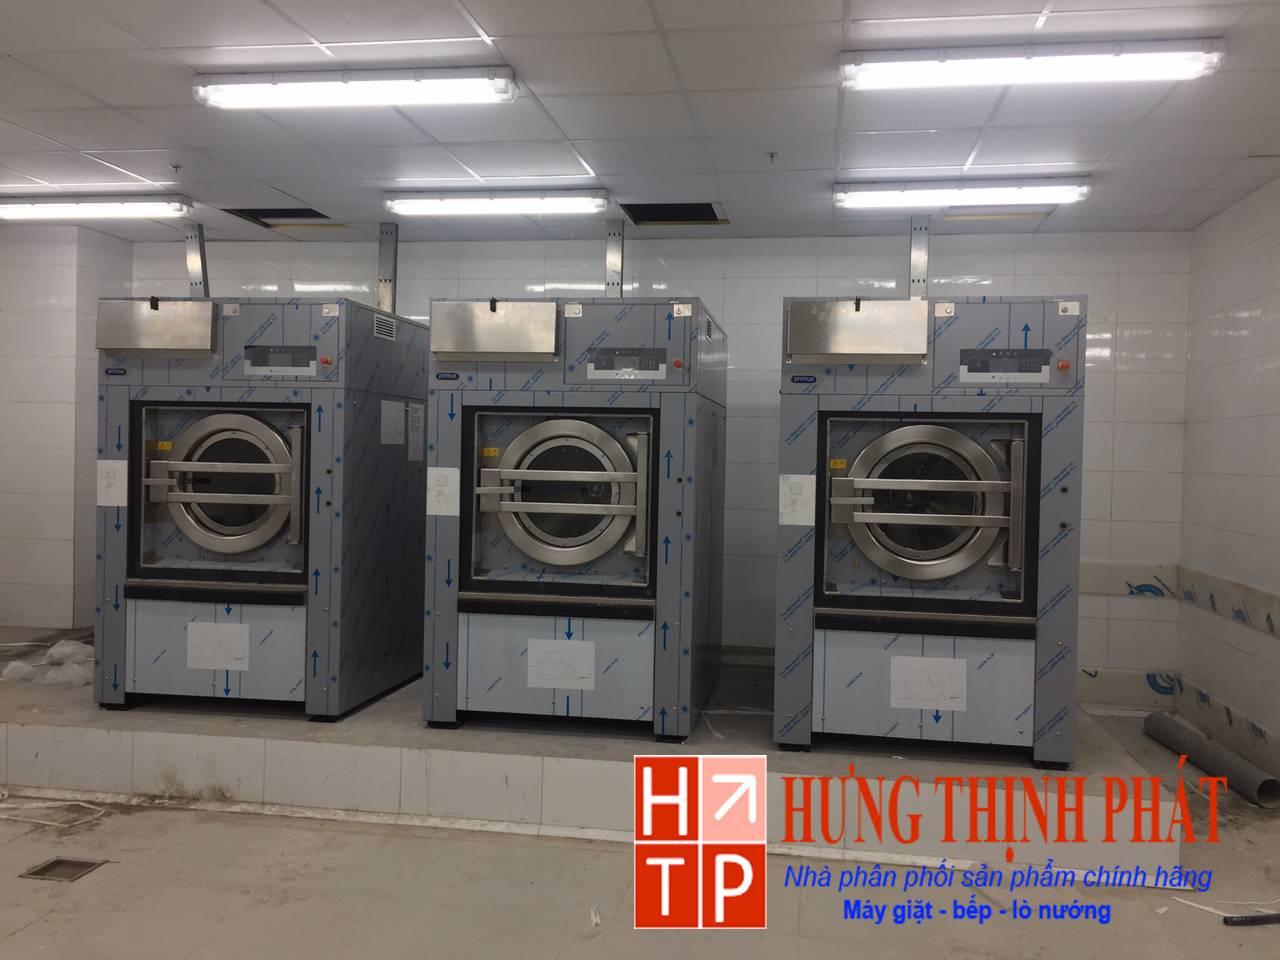 488e5f44eeb000ee59a1 - Dự án lắp đặt hệ thống giặt là tại sân bay Nội Bài - Hà Nội